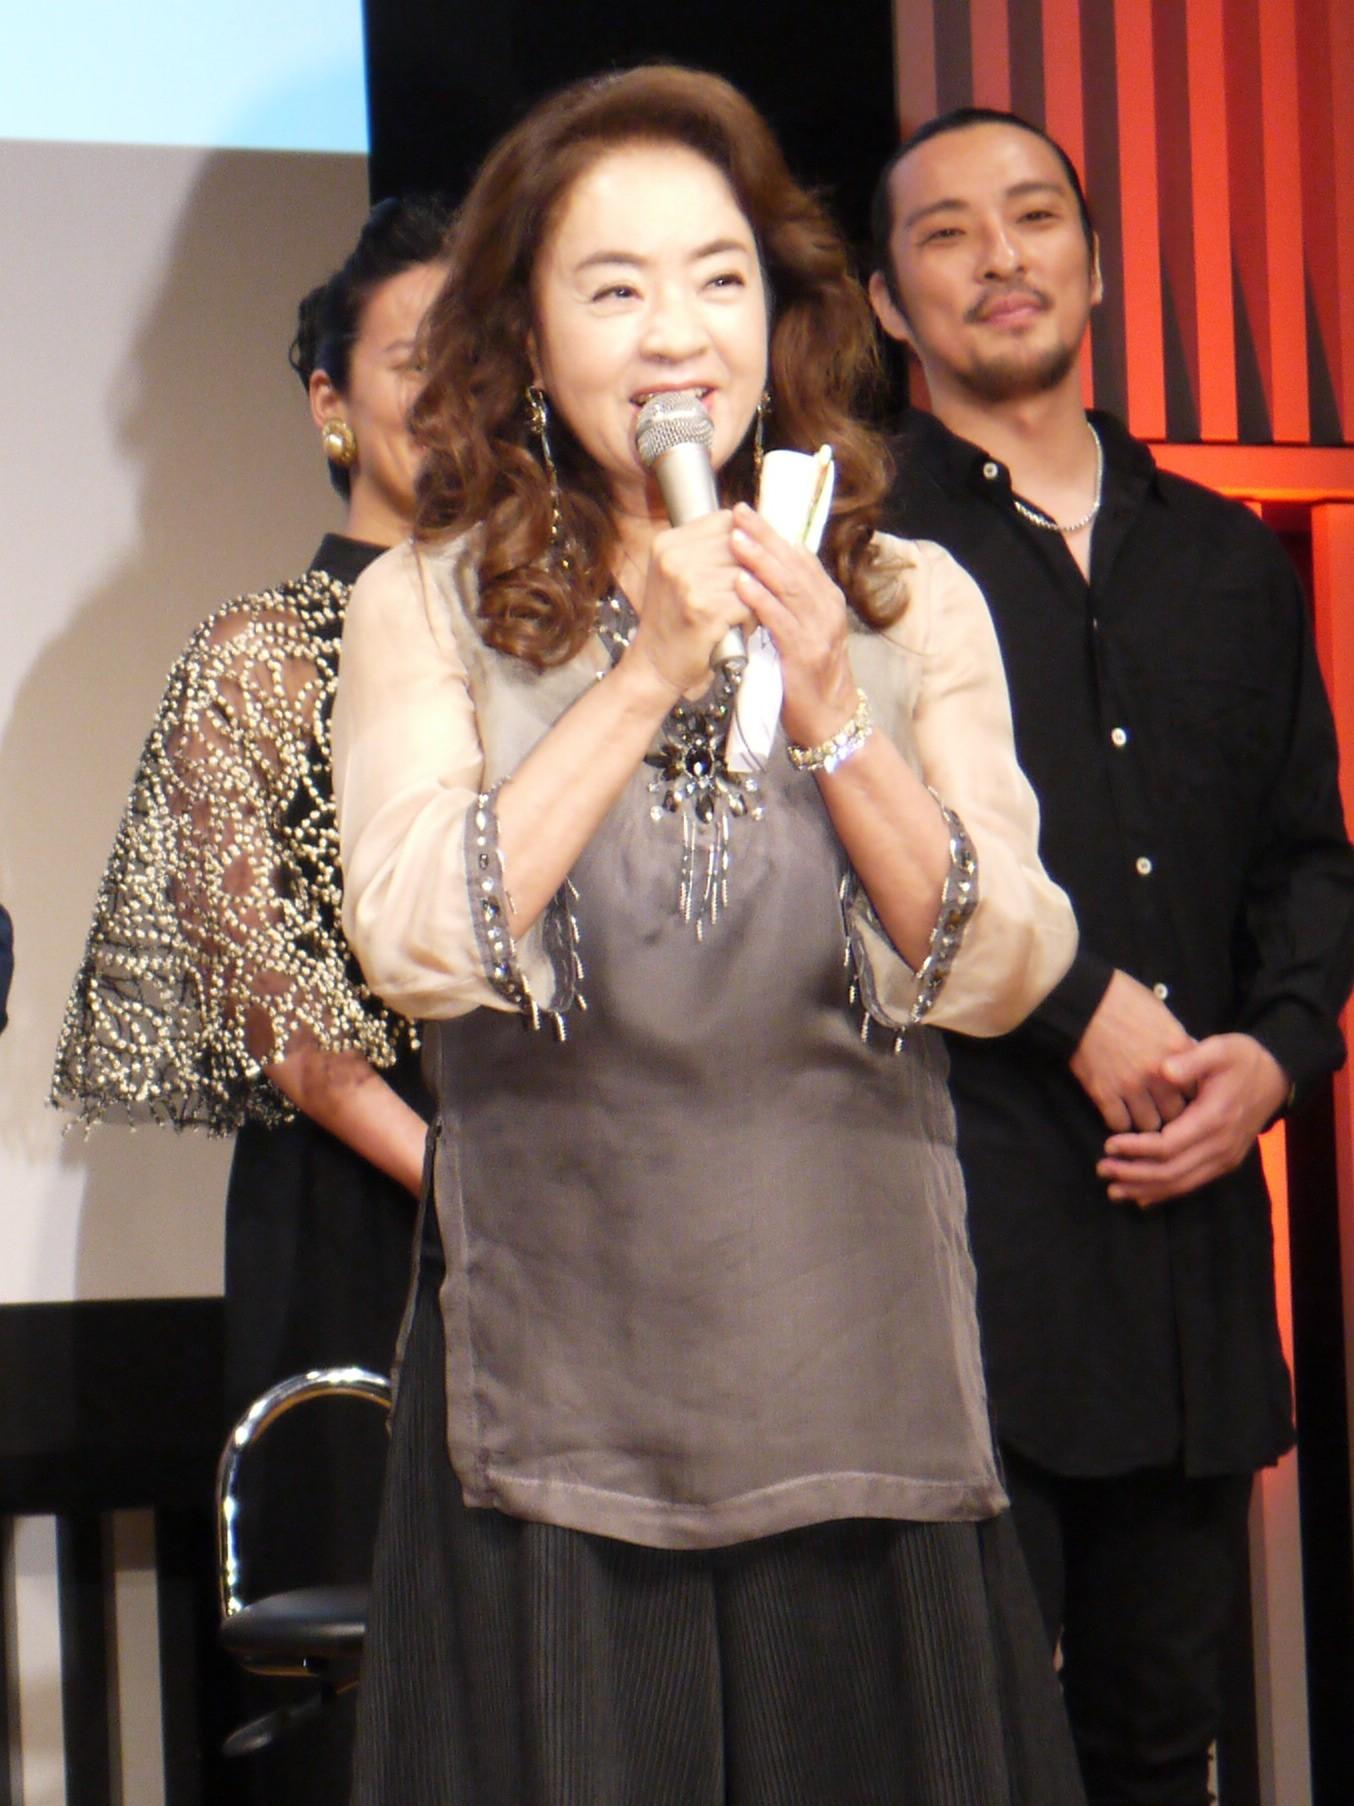 阿木燿子の画像 p1_21